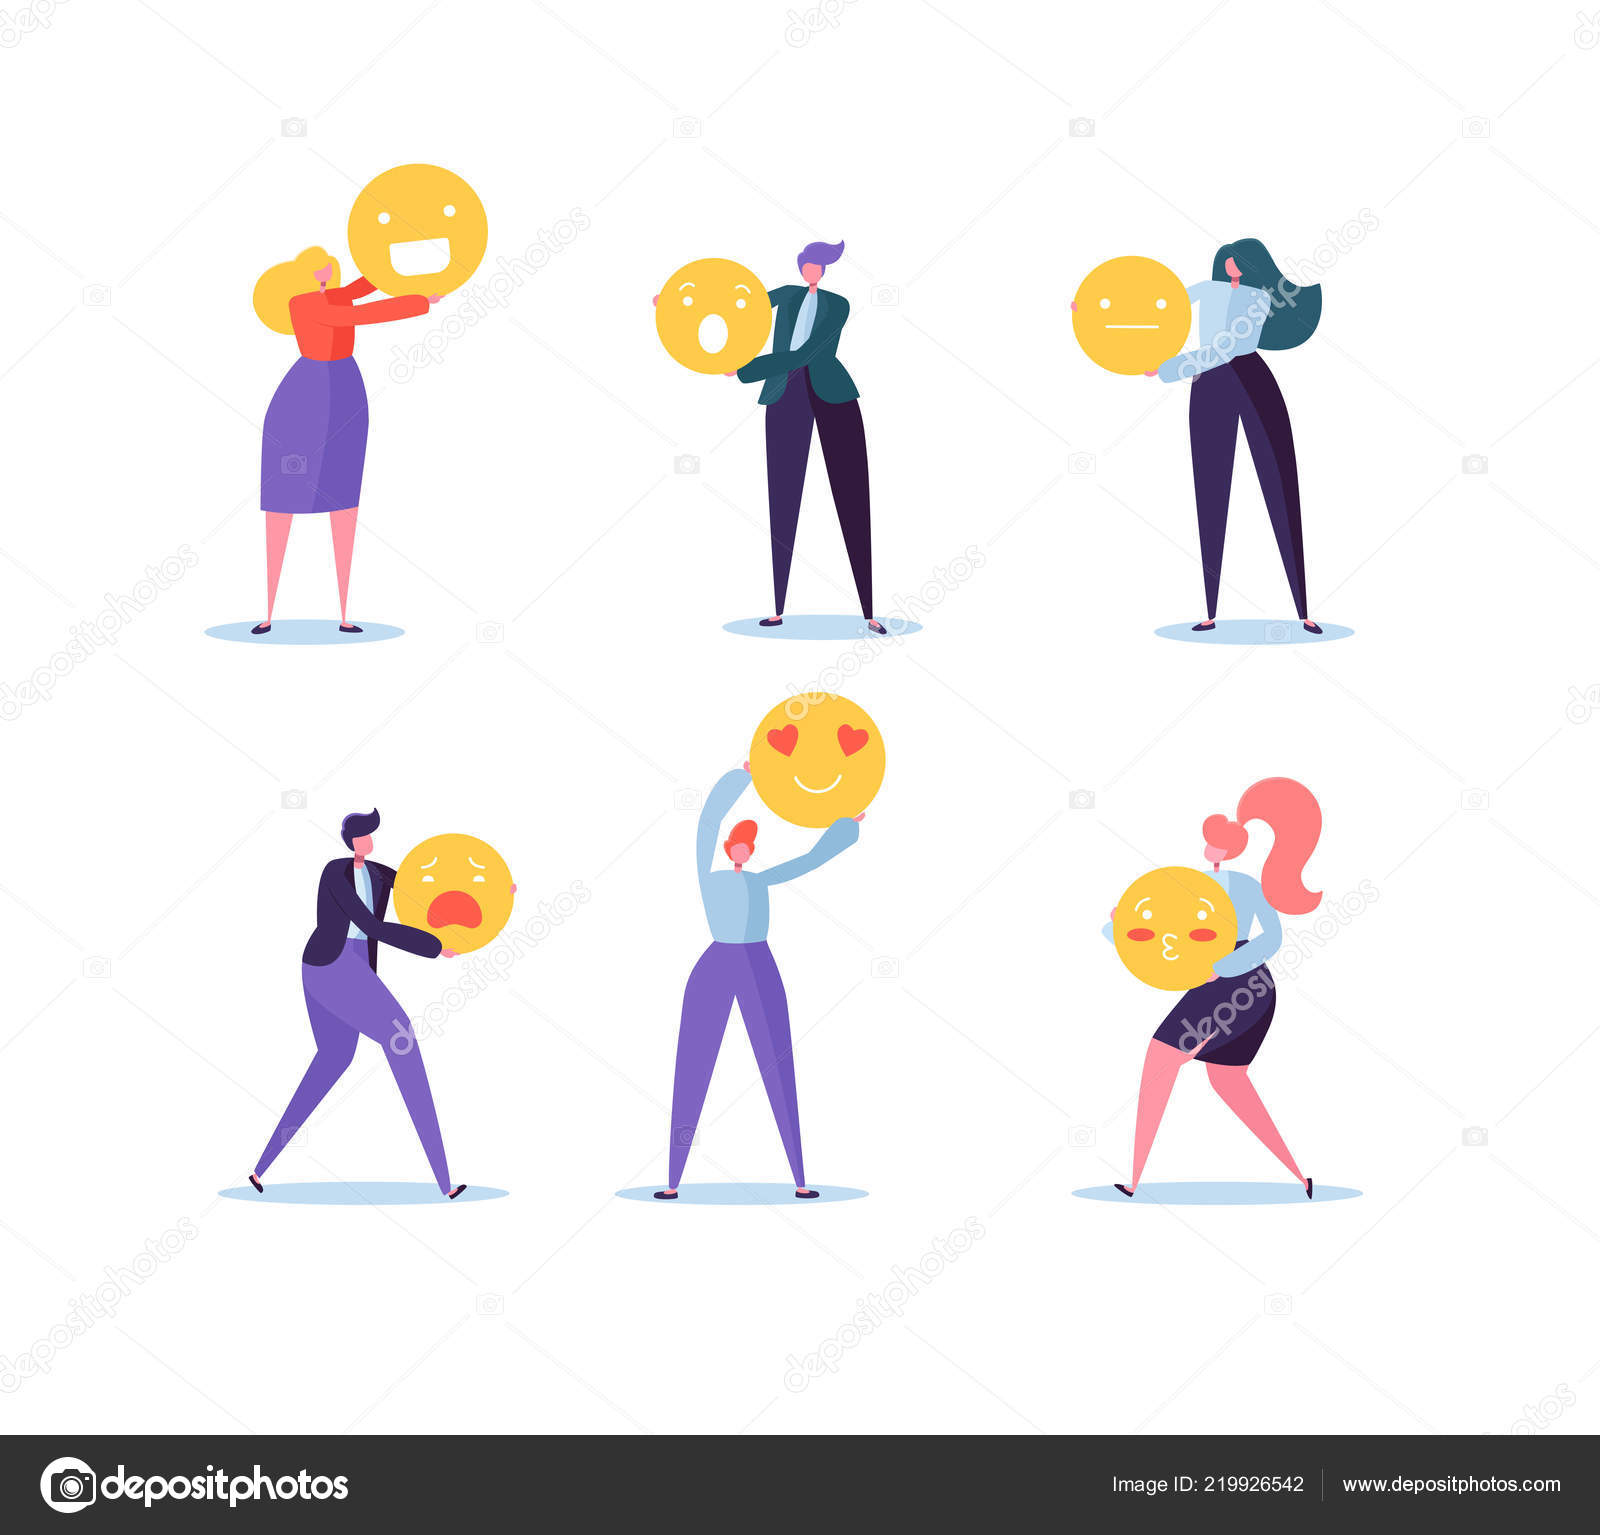 Vous recherchez des produits dérivés Emoji (Coussin emoji, porte clé emoji, chausson emoji ) ?